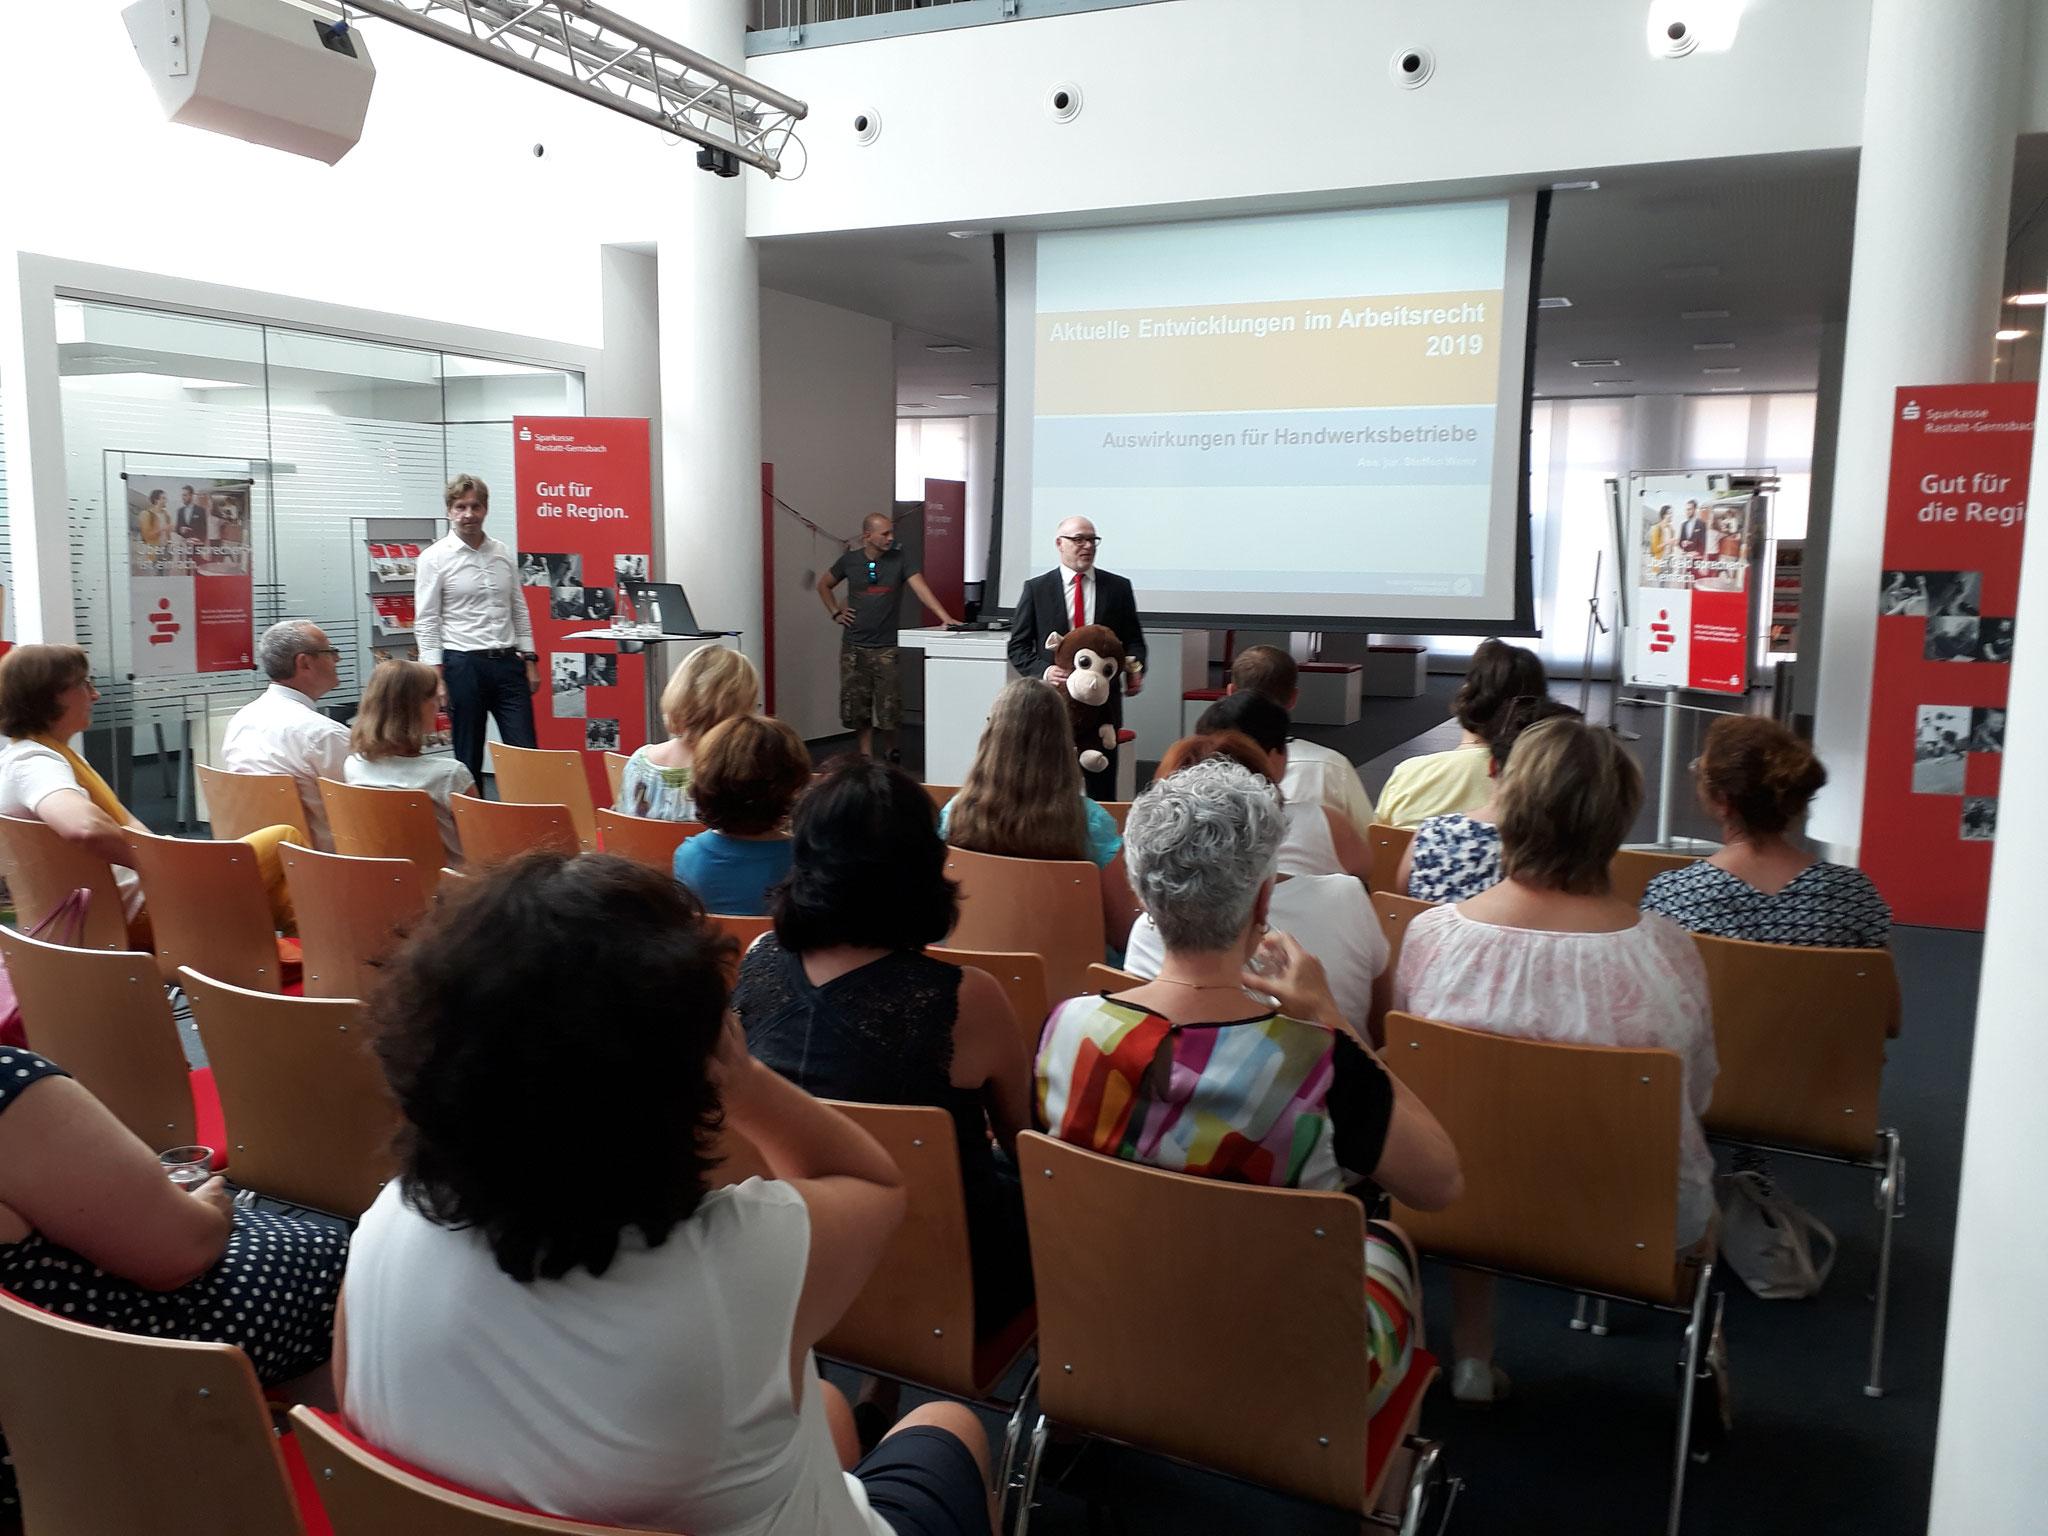 06-2019 Arbeitsrecht - Vortrag bei der Sparkasse Rastatt-Gernsbach